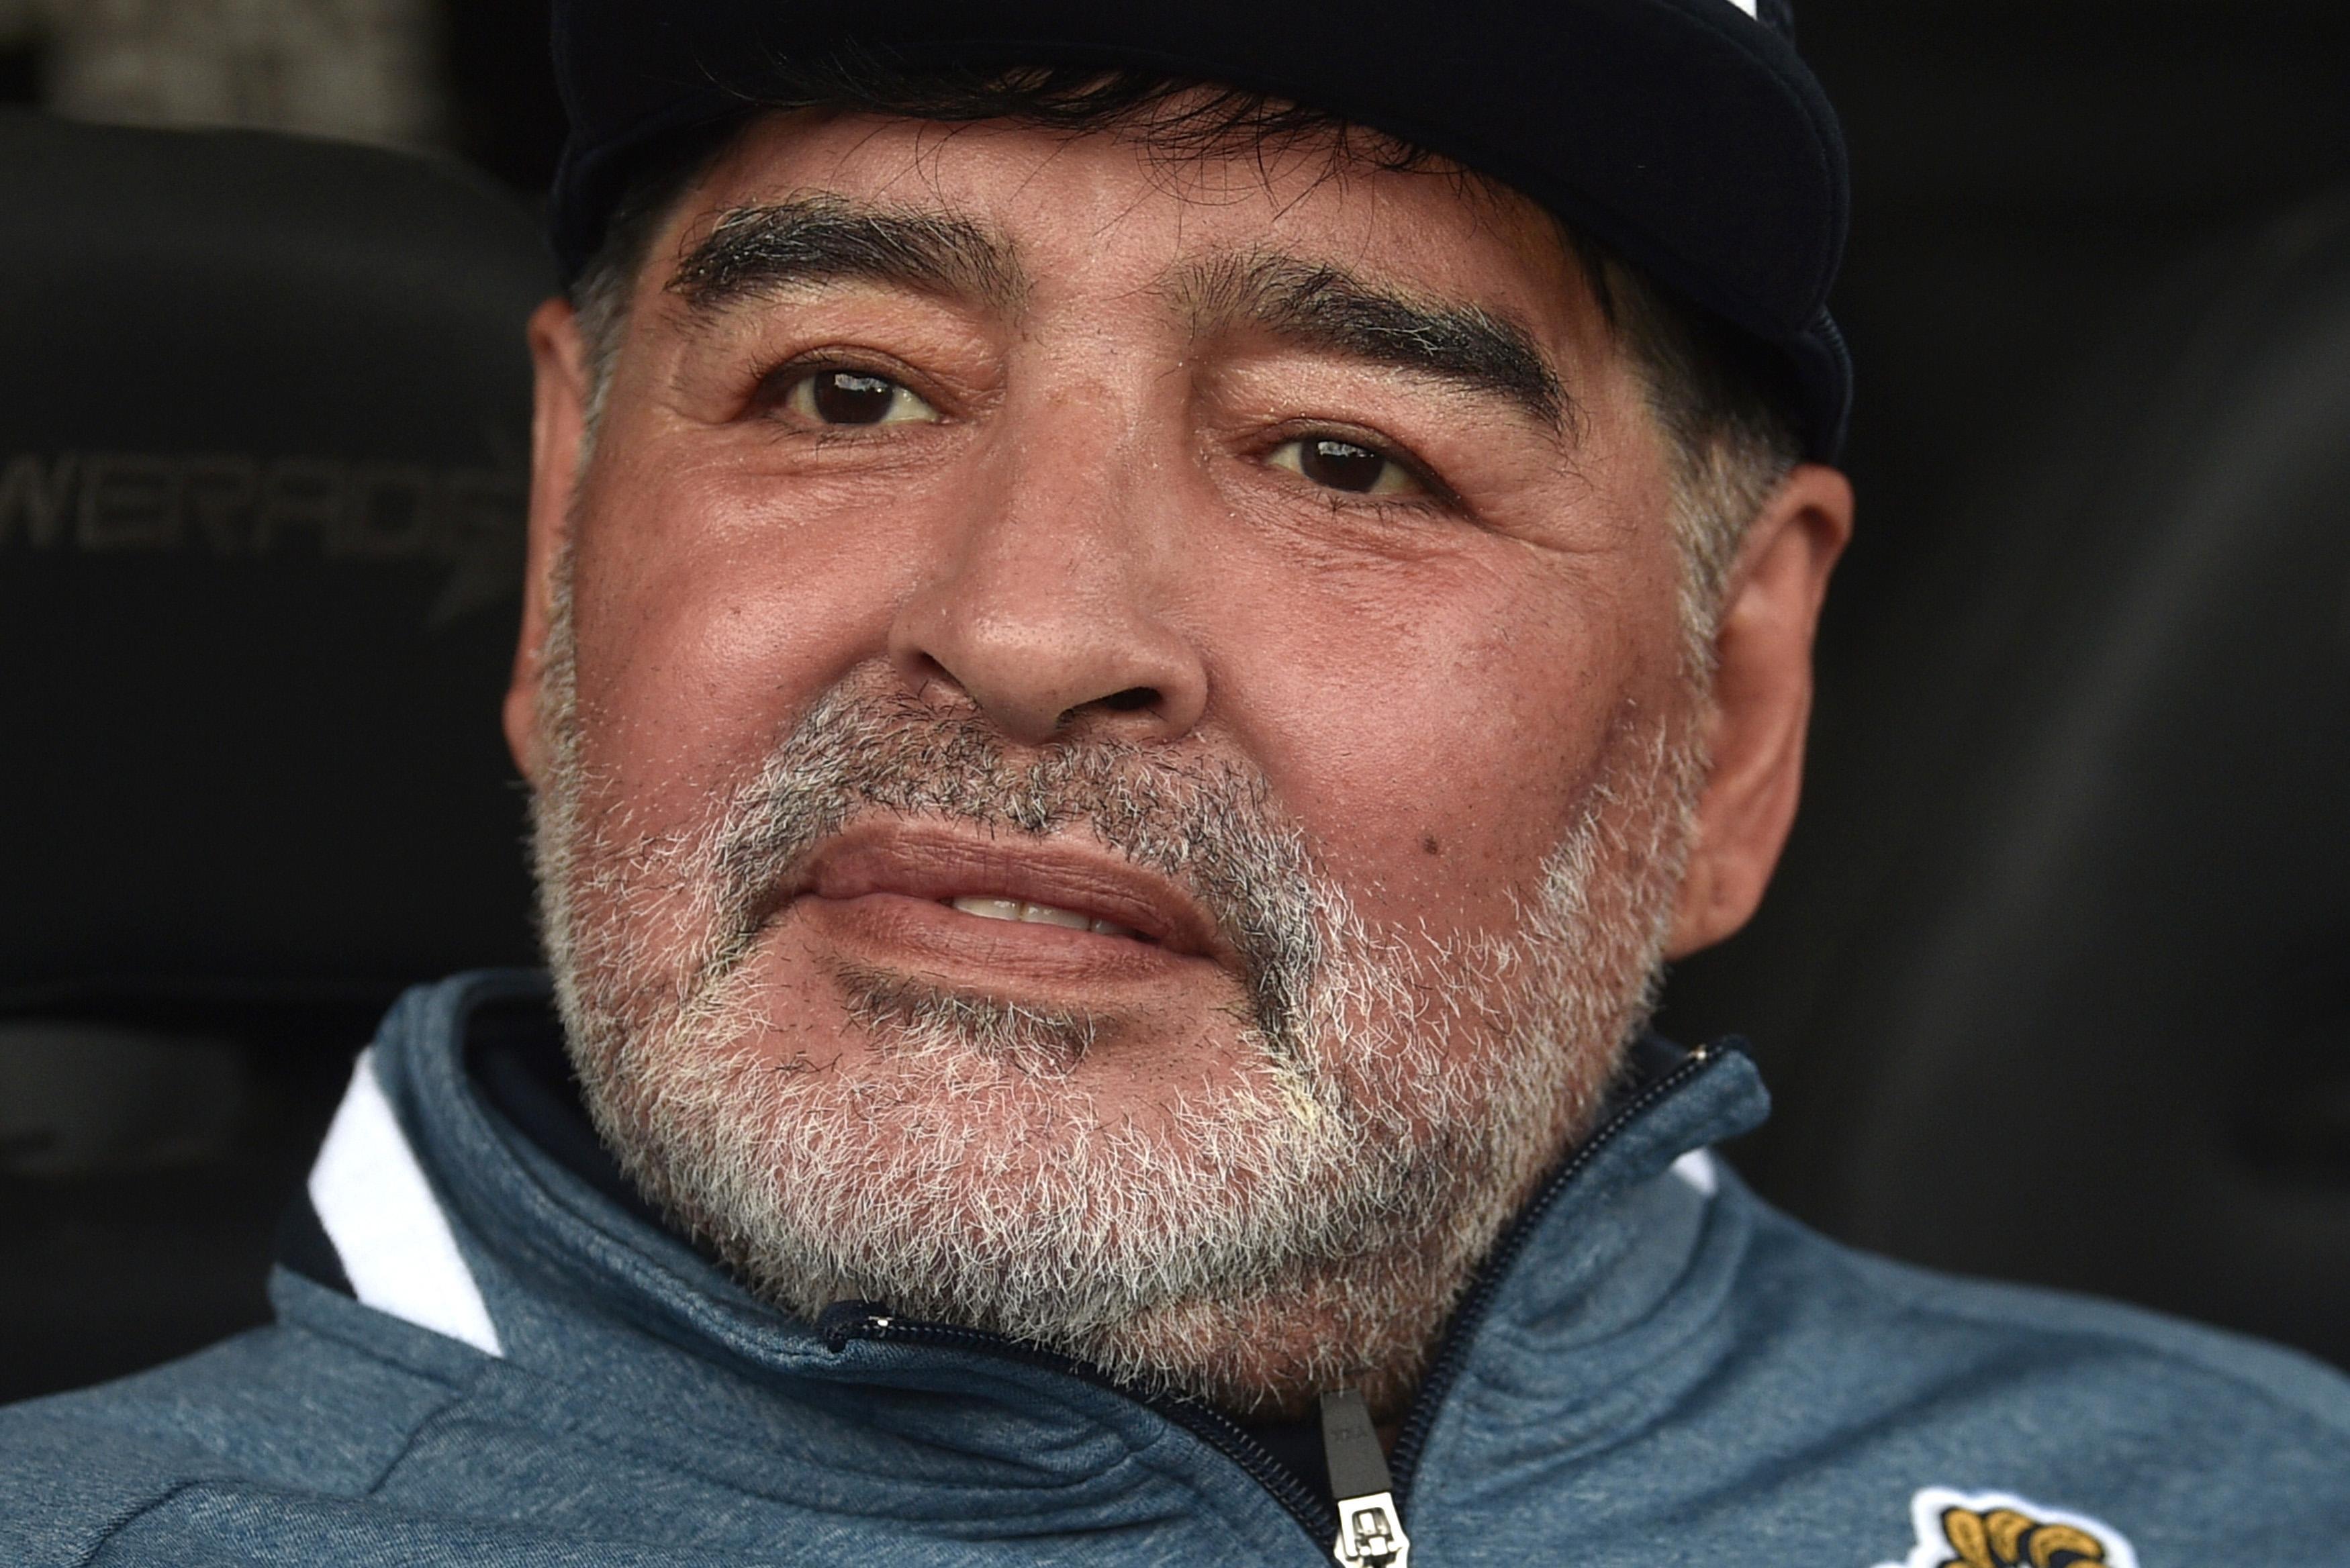 Morre Diego Maradona aos 60 anos de idade | VEJA